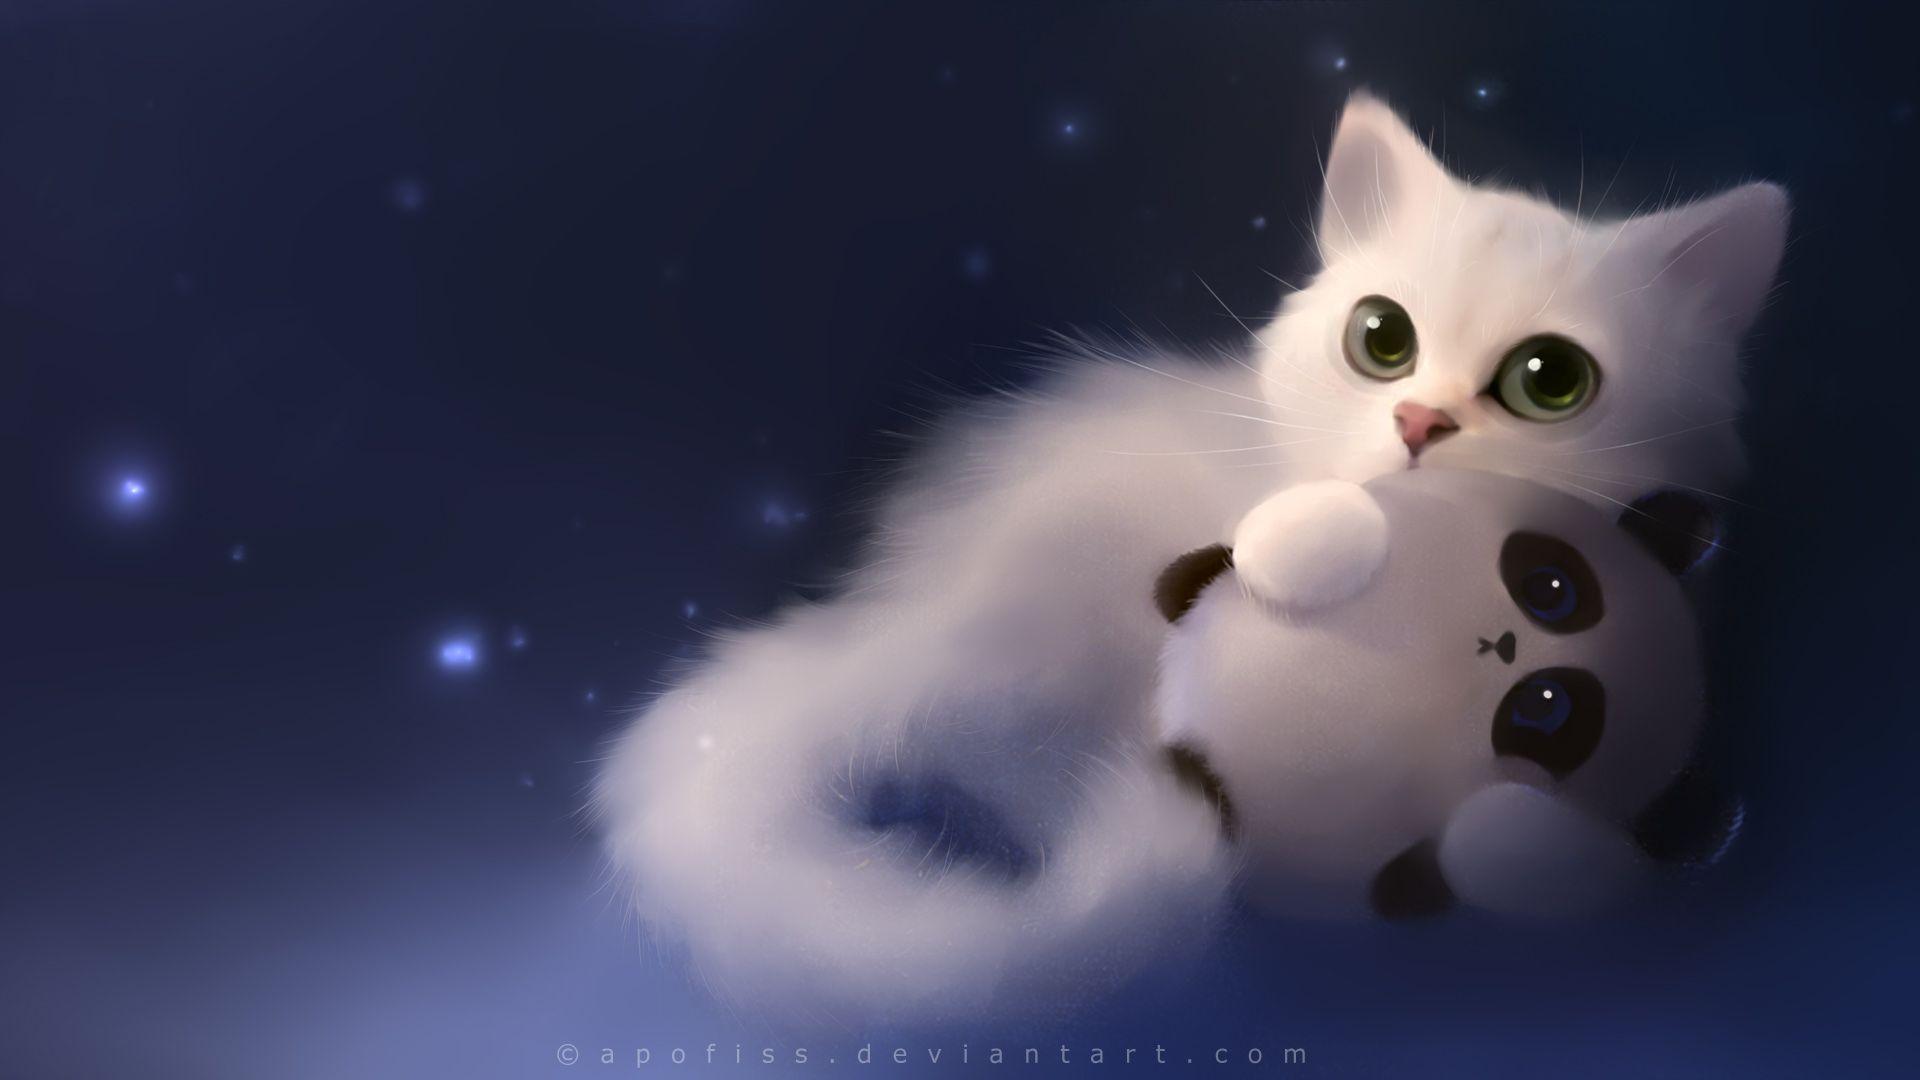 1920x1080 Hình nền vẽ con mèo anime dễ thương - Hình nền vẽ bằng bút chì và màu